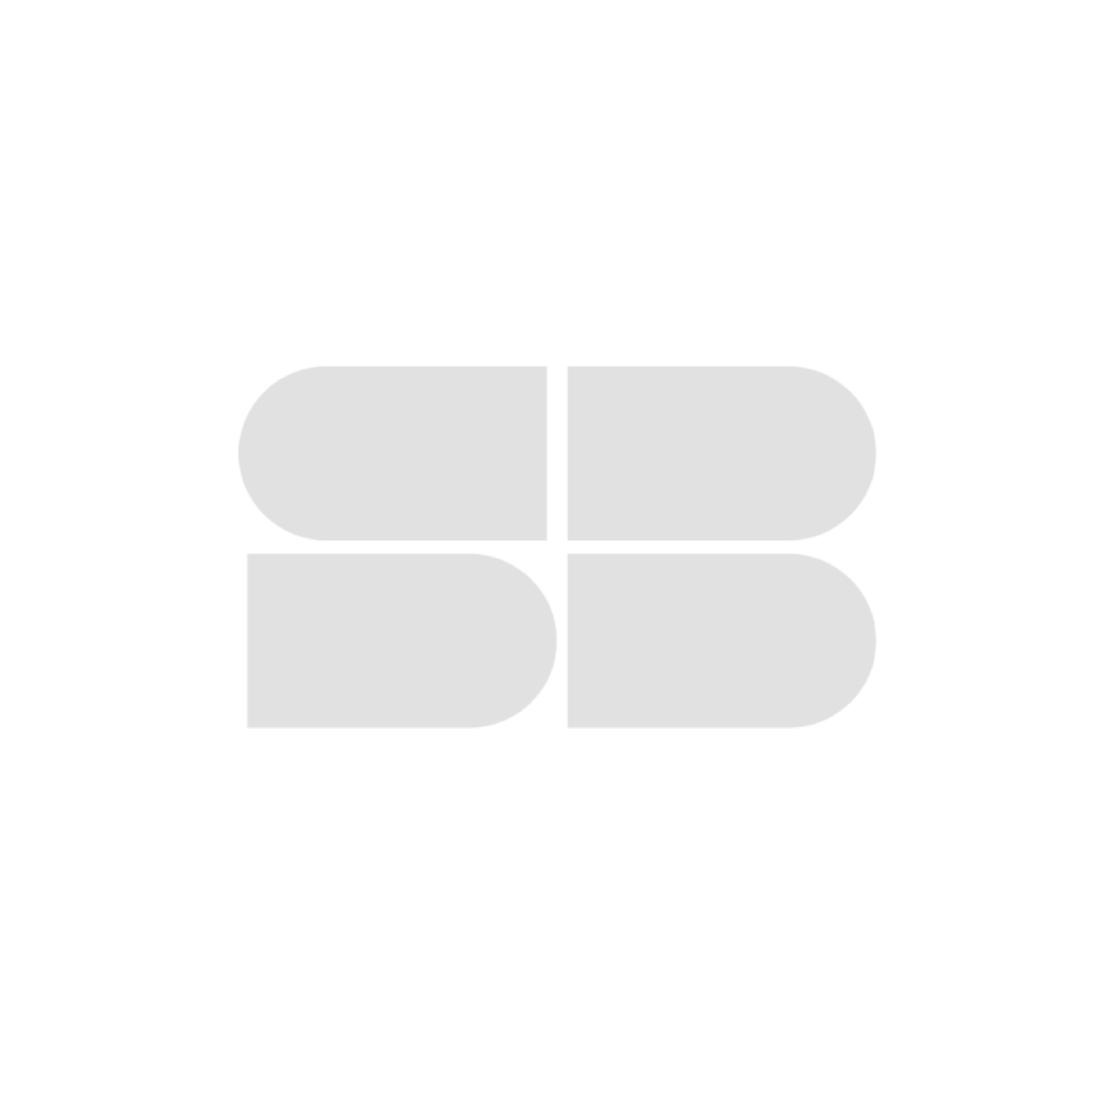 ชุดวางทีวี ขนาด 210 ซม. รุ่น Infinity